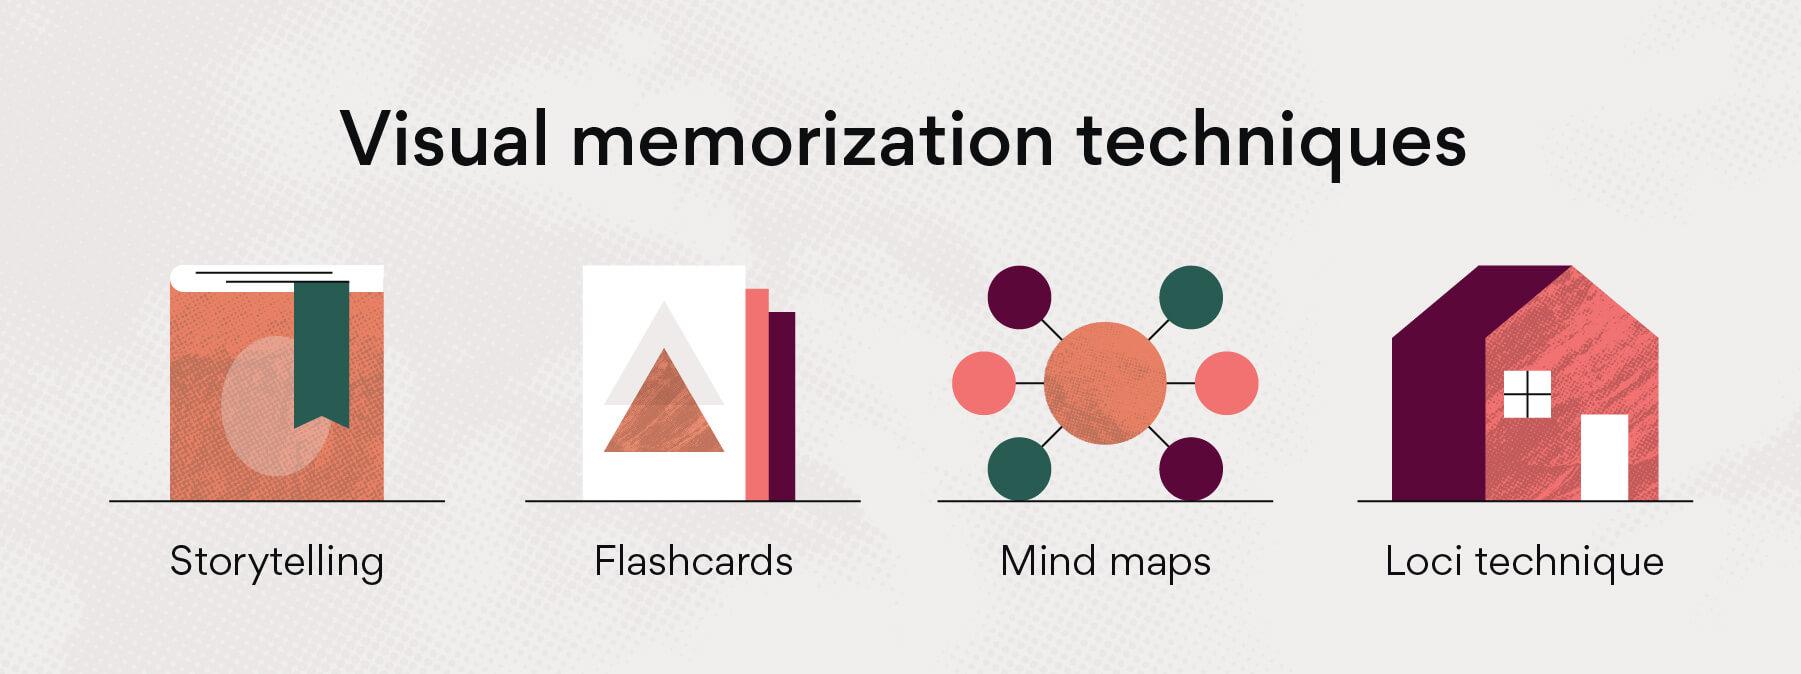 Visual memorization techniques